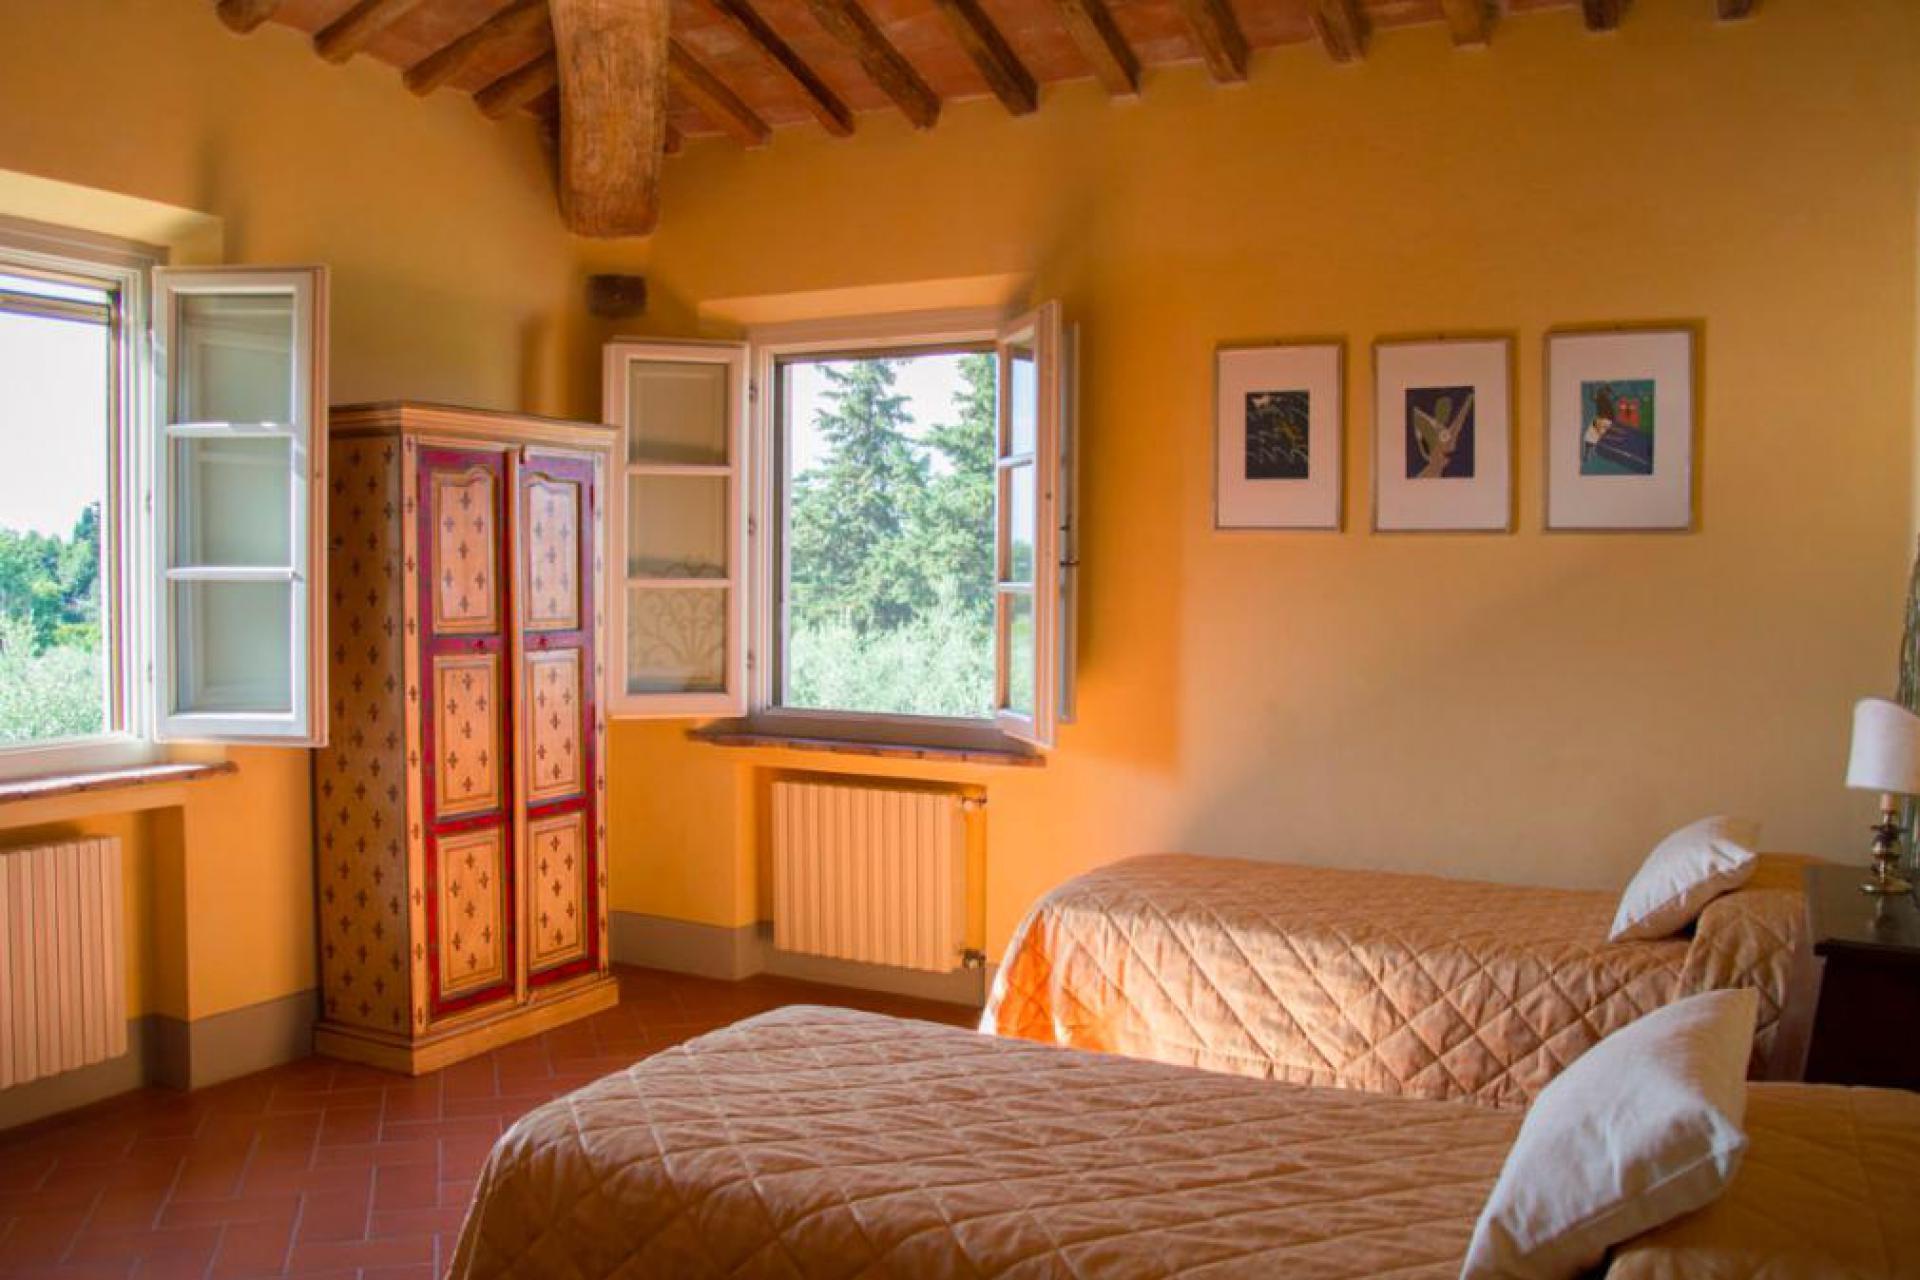 Agriturismo Toskana Kinderfreundlicher Agriturismo in der Nähe von Lucca | myitalyselection.de